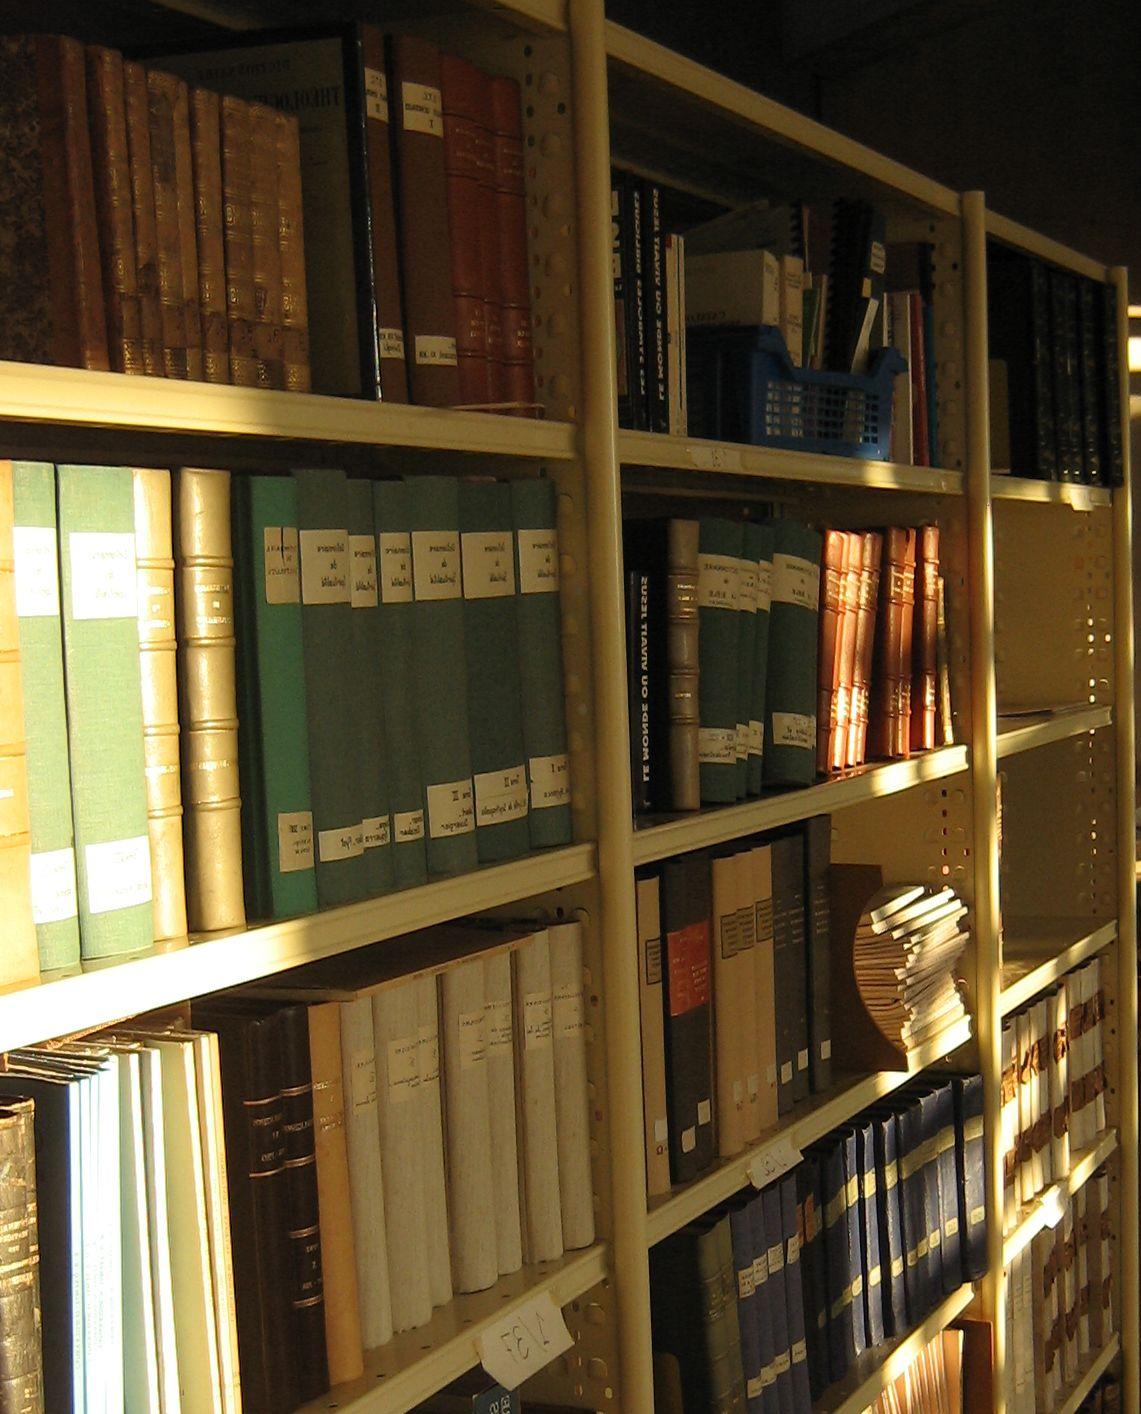 Rayonnages de bibliothèque caressés par les rayons du soleil.